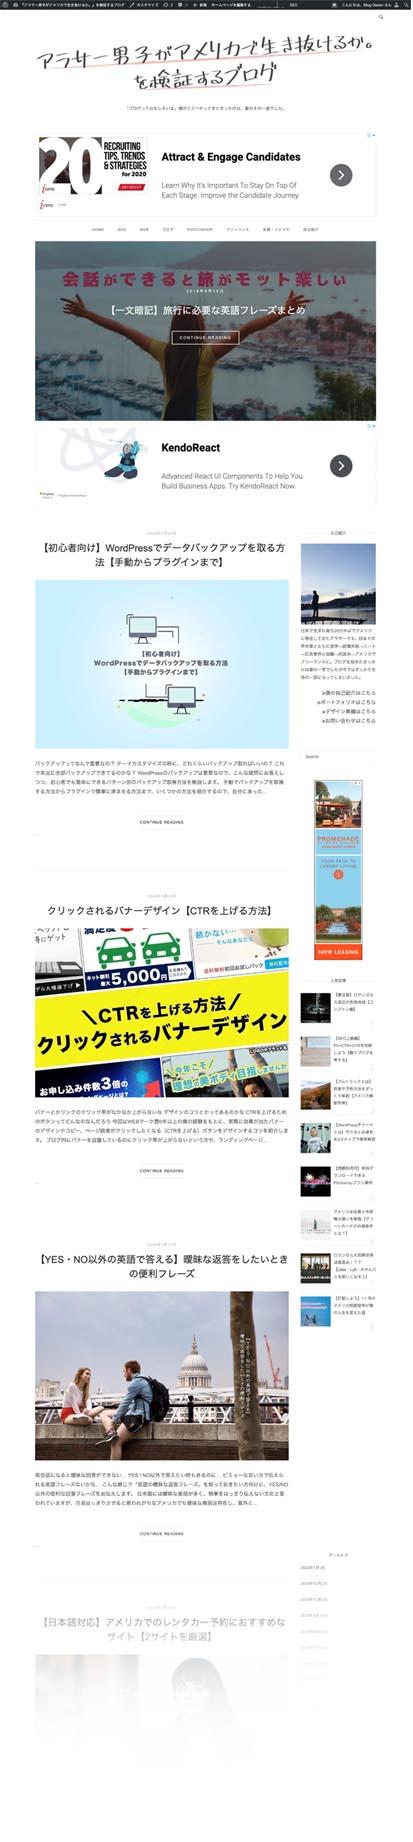 fullpage screenshot